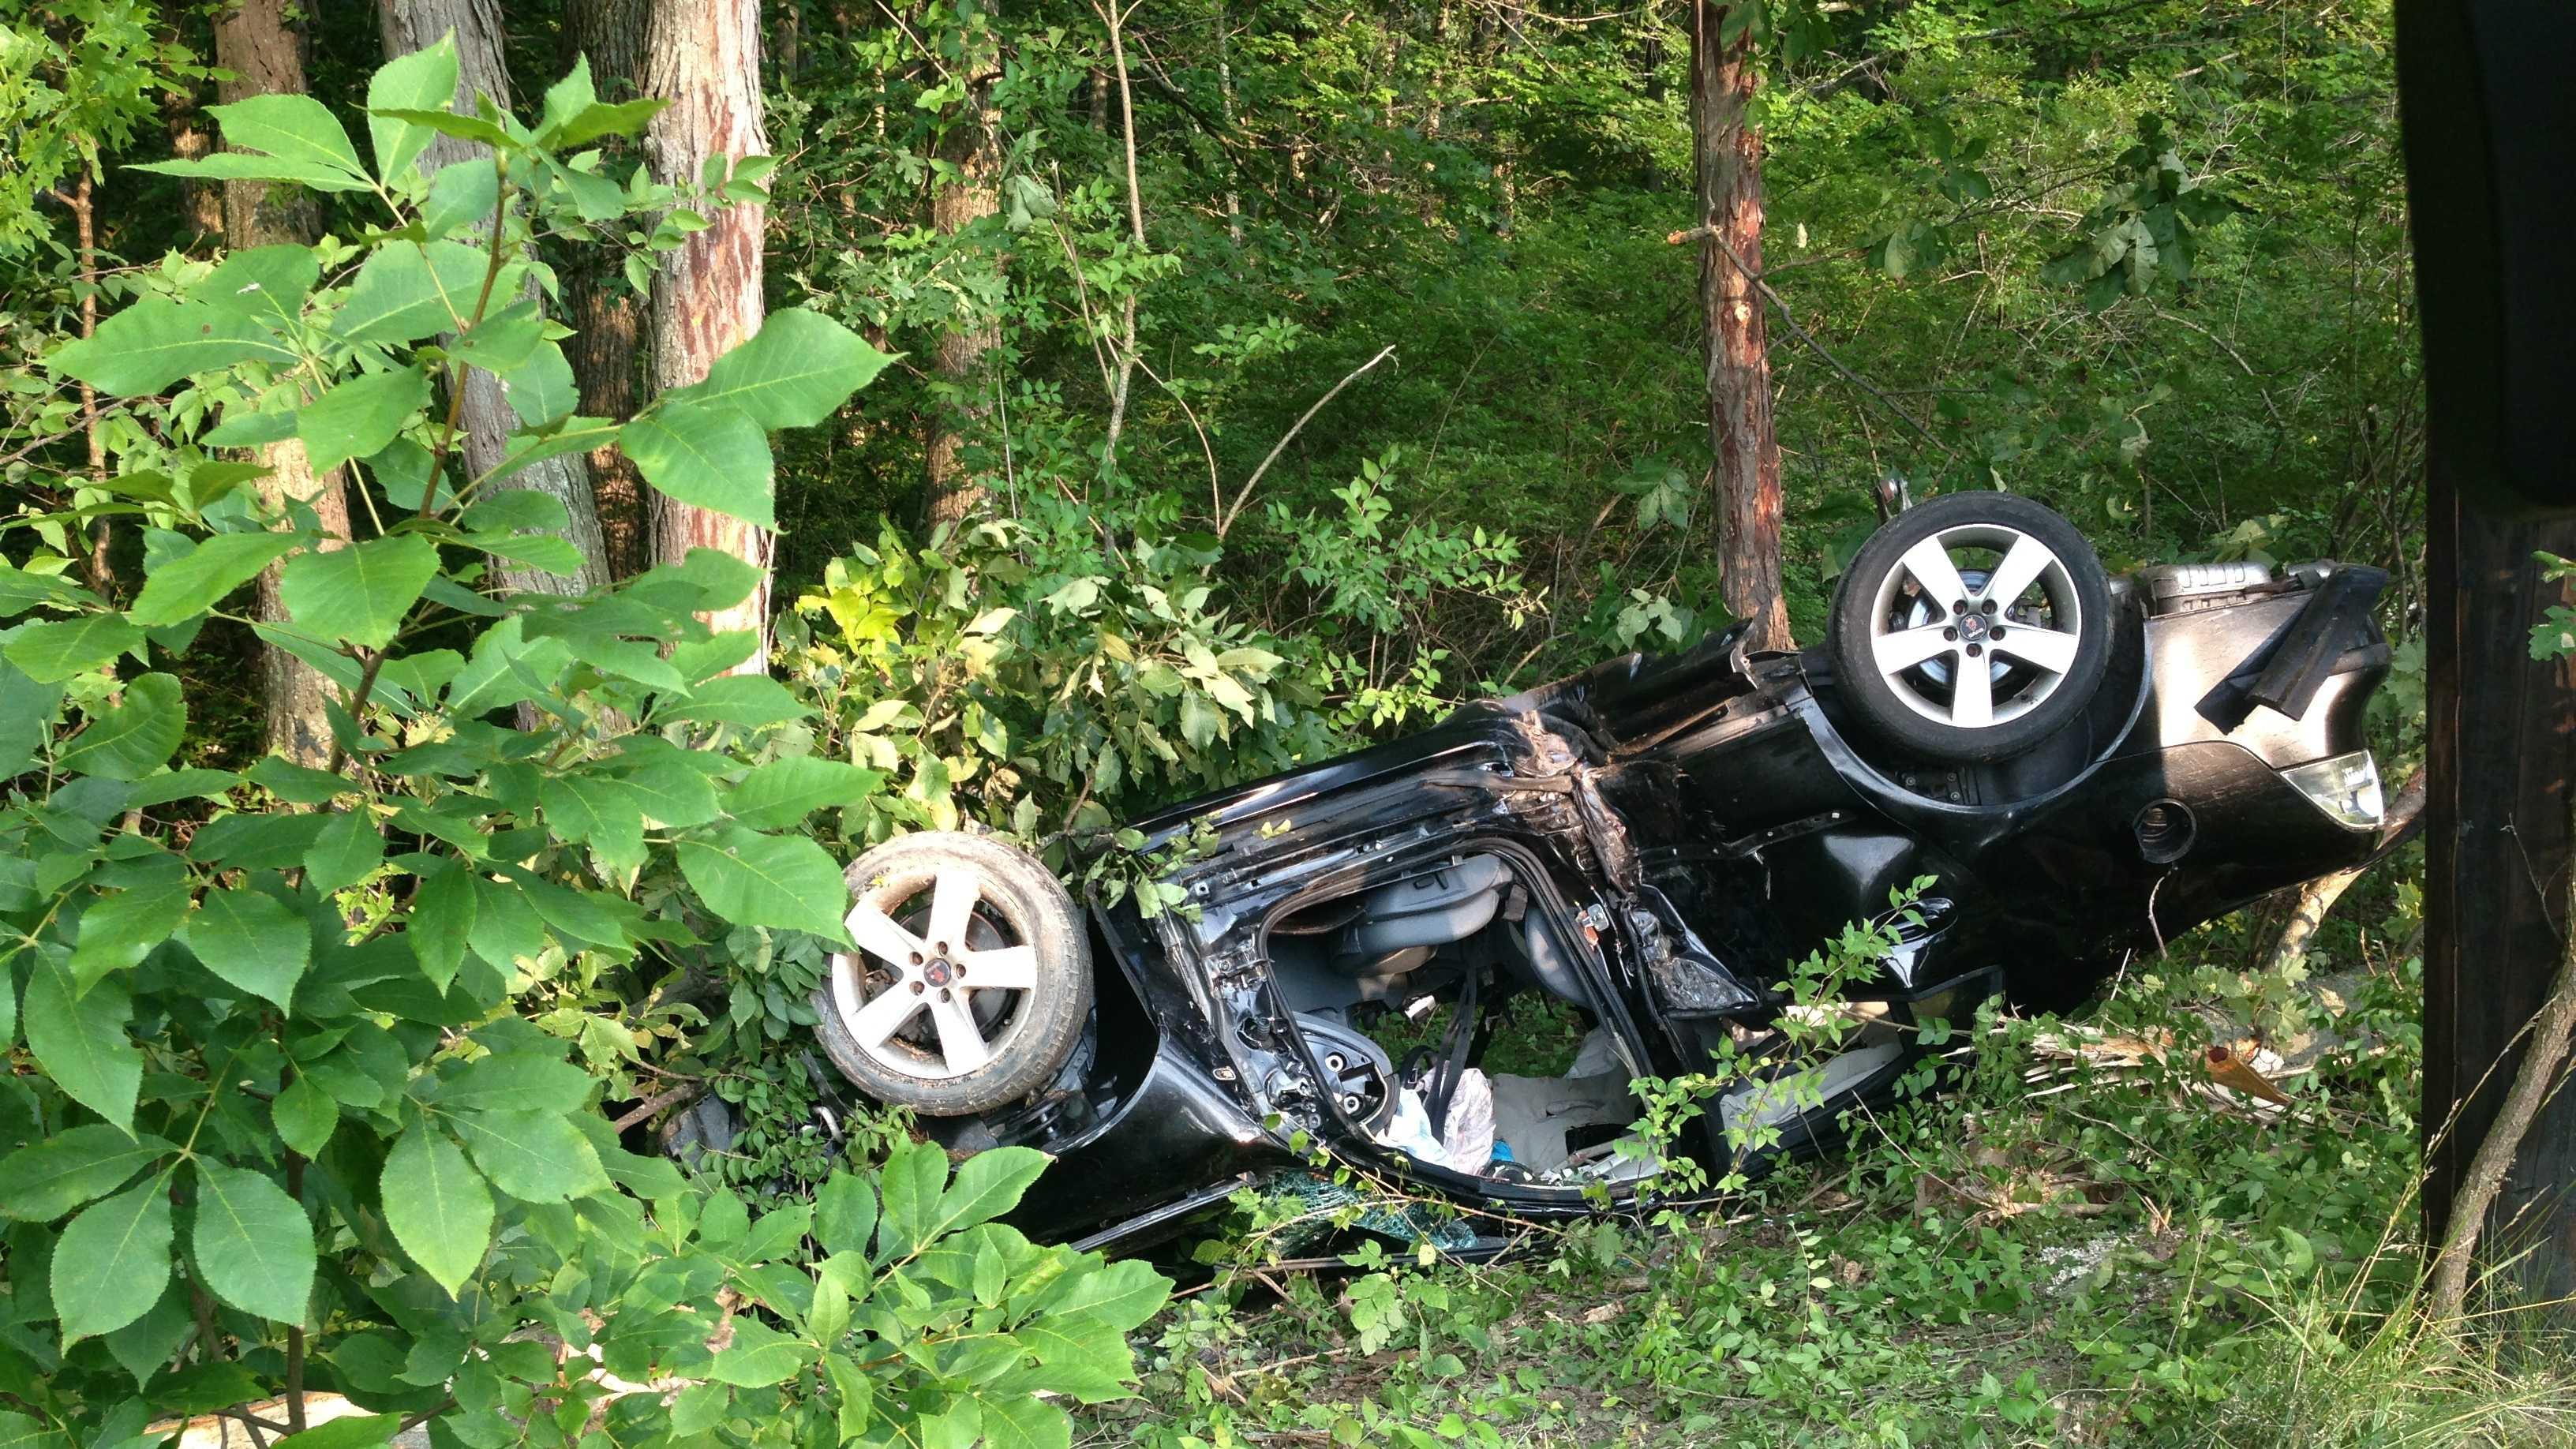 072014 hanover twp crash